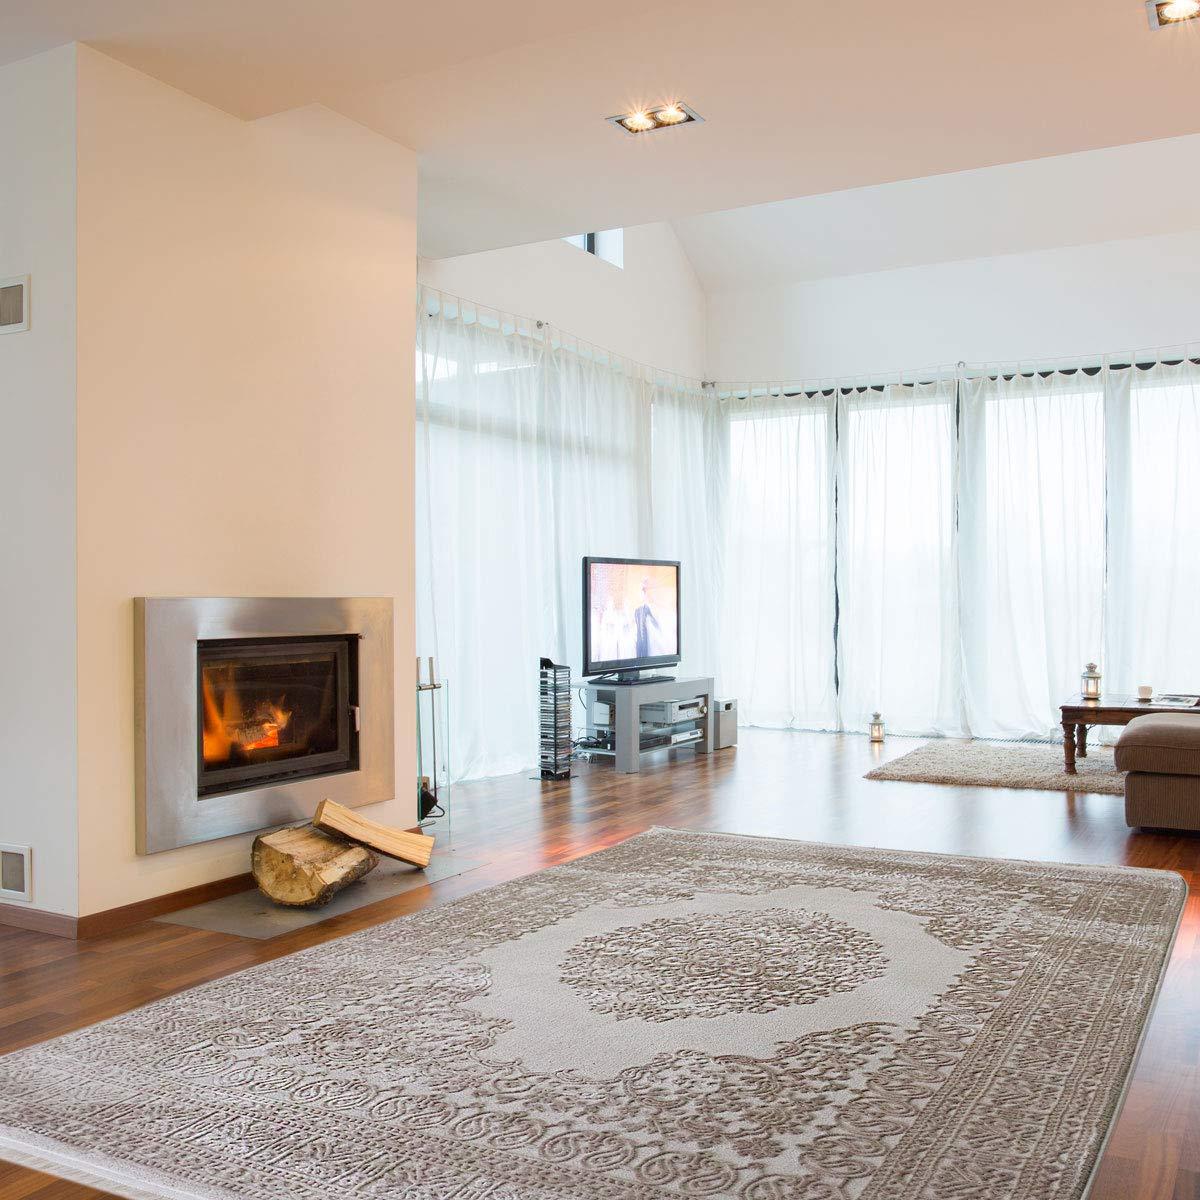 Mynes Home Vintage Teppich Velours in Beige Medaillon mit 3D Struktur Hochwertige Webung für Wohnzimmer Designerteppich (80 x 300 cm)